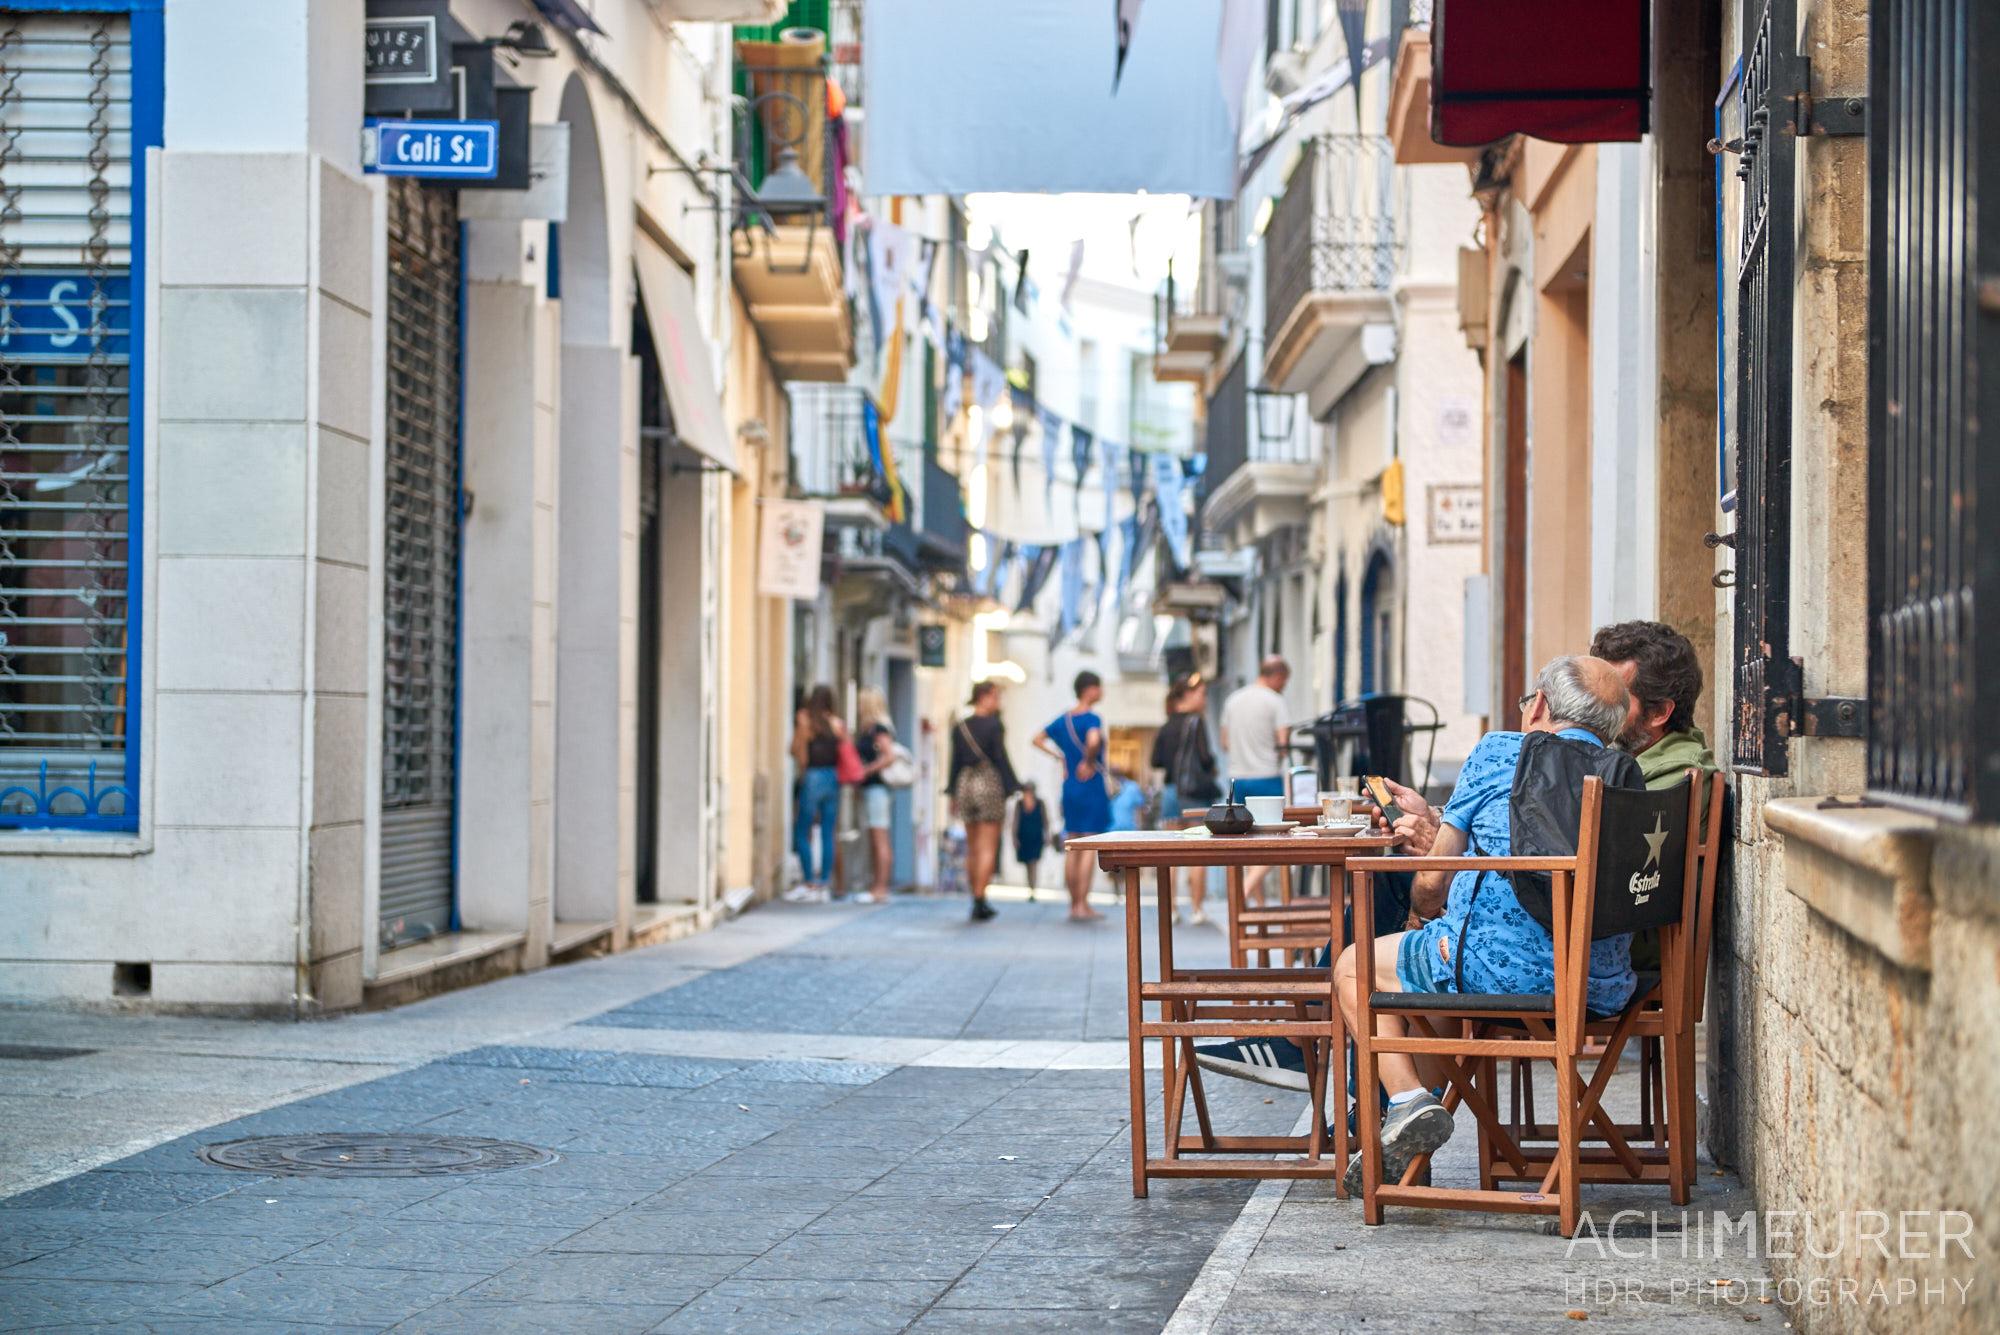 Ortsansichten von Sitges in Katalonien, Spanien by Achim Meurer.